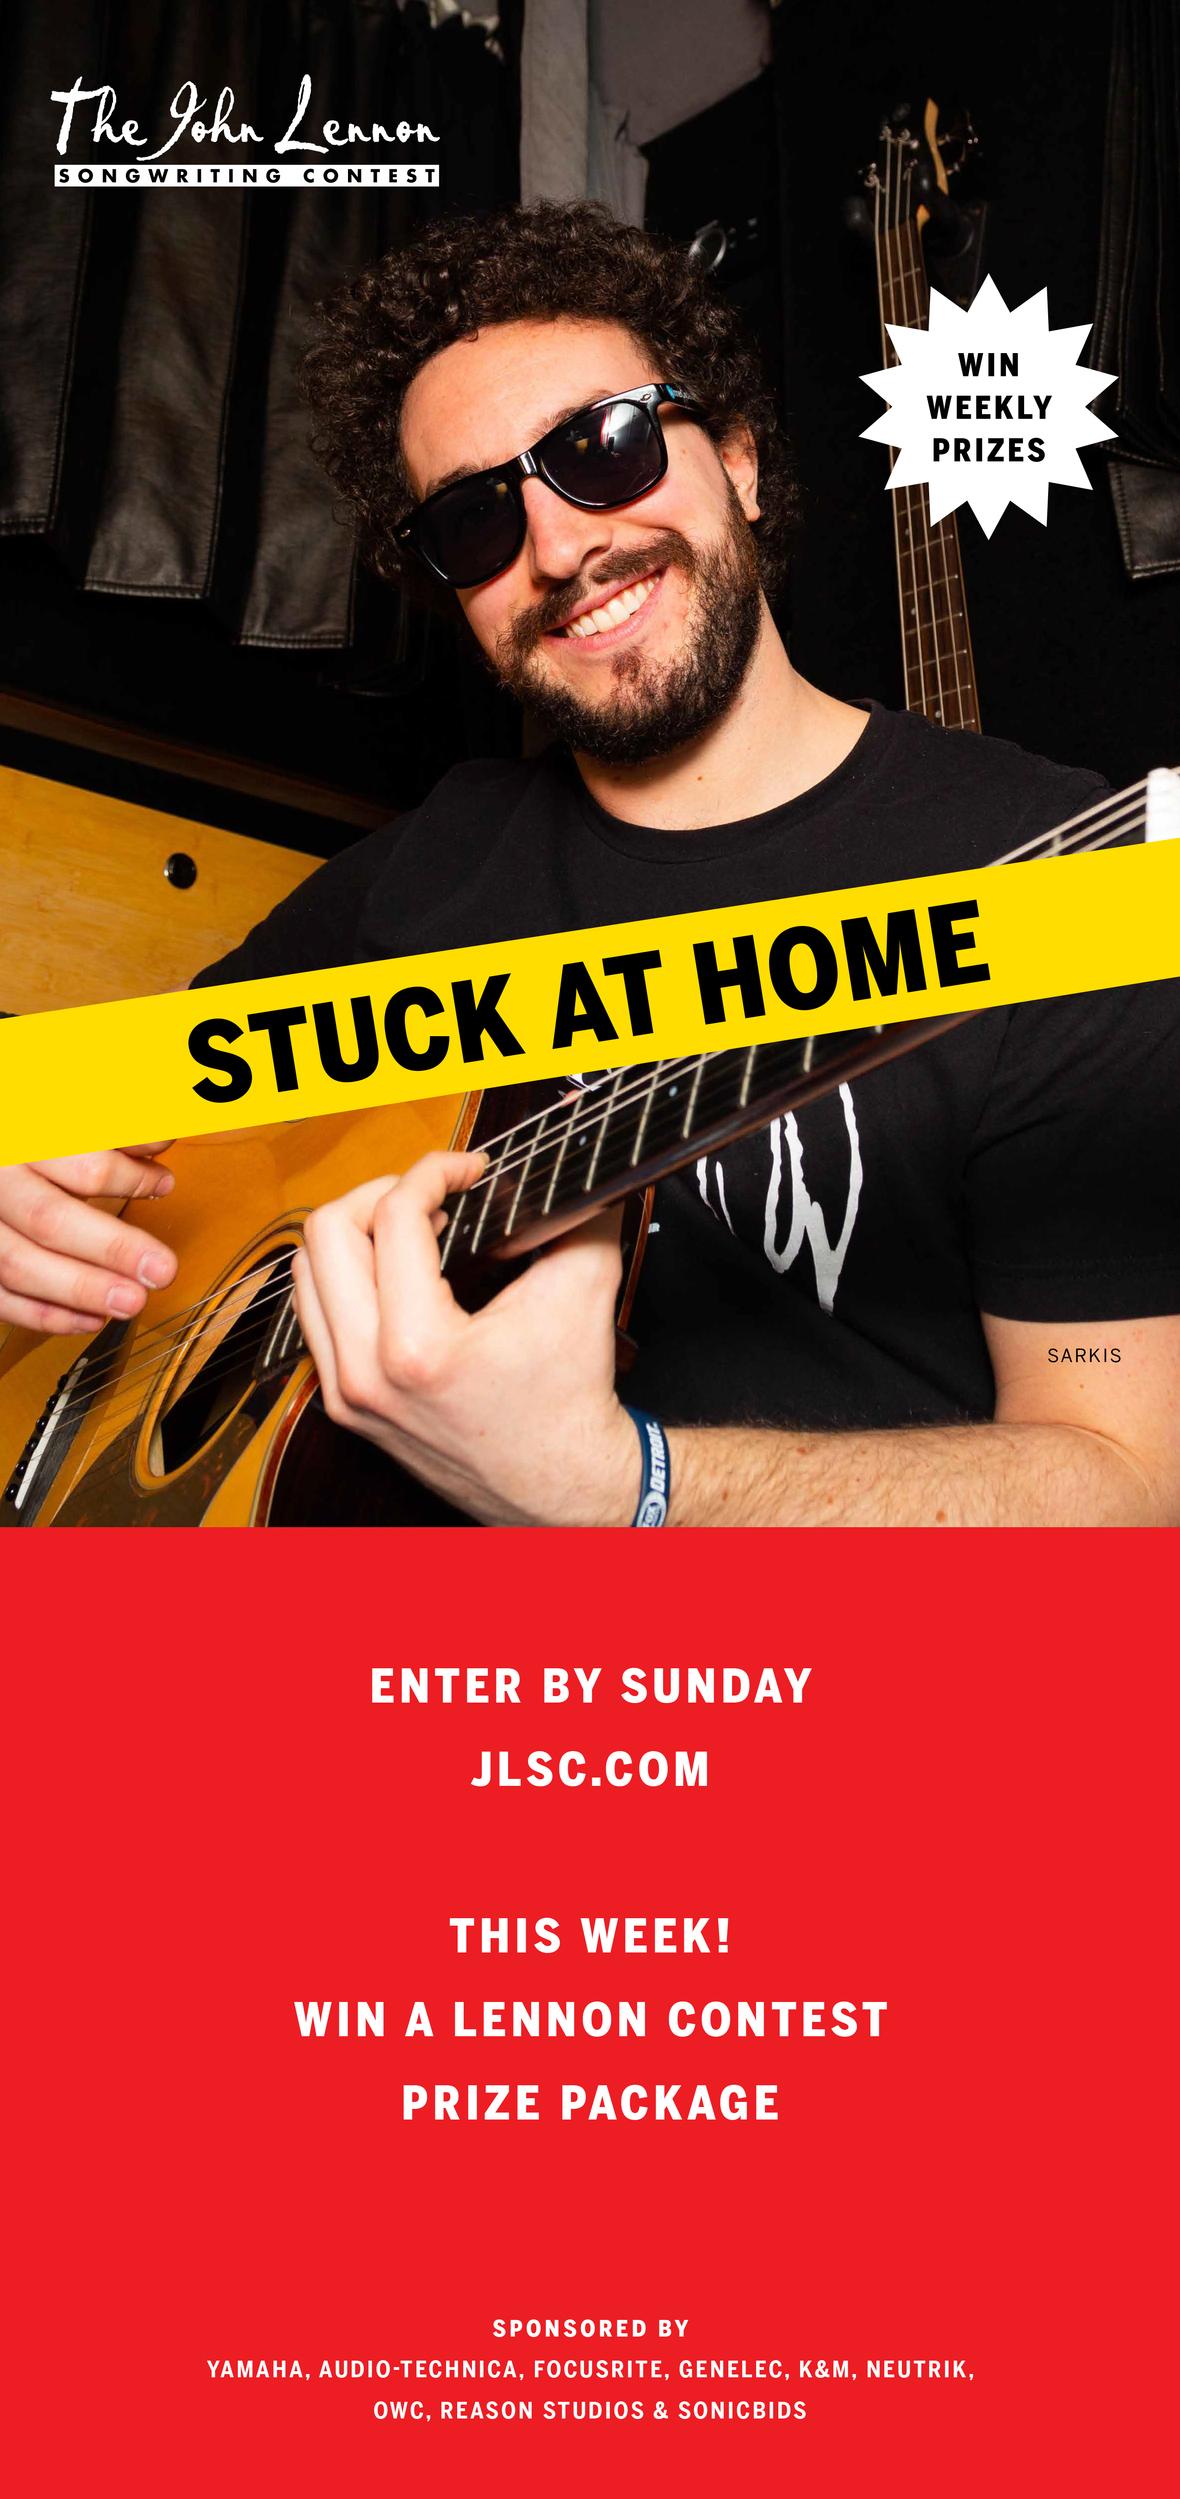 WEEK 10 Stuck at Home Newsletter 2550x5400